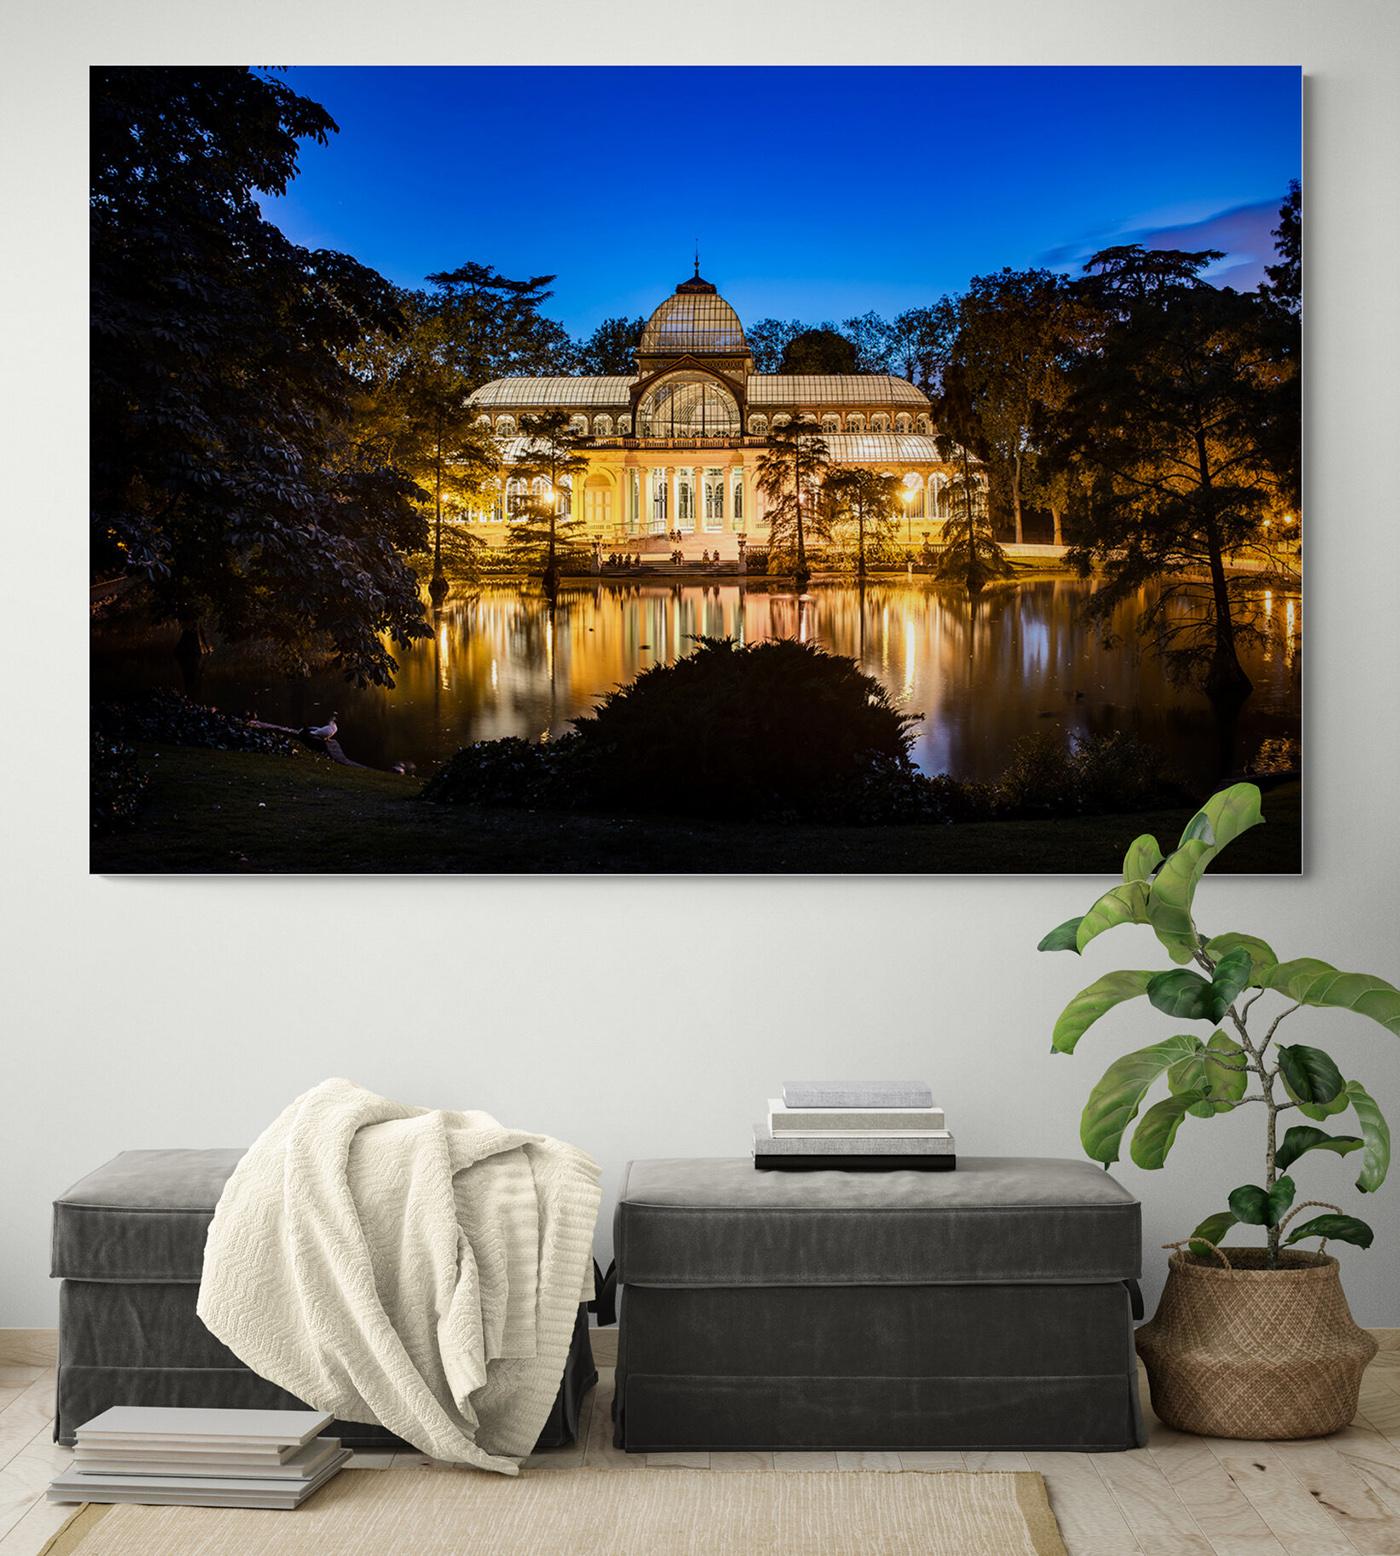 Palacio de Cristal nocturno, en el Parque del Retiro de Madrid, por Adolfo Gosálvez. Venta de Fotografía de autor en edición limitada. AG Shop